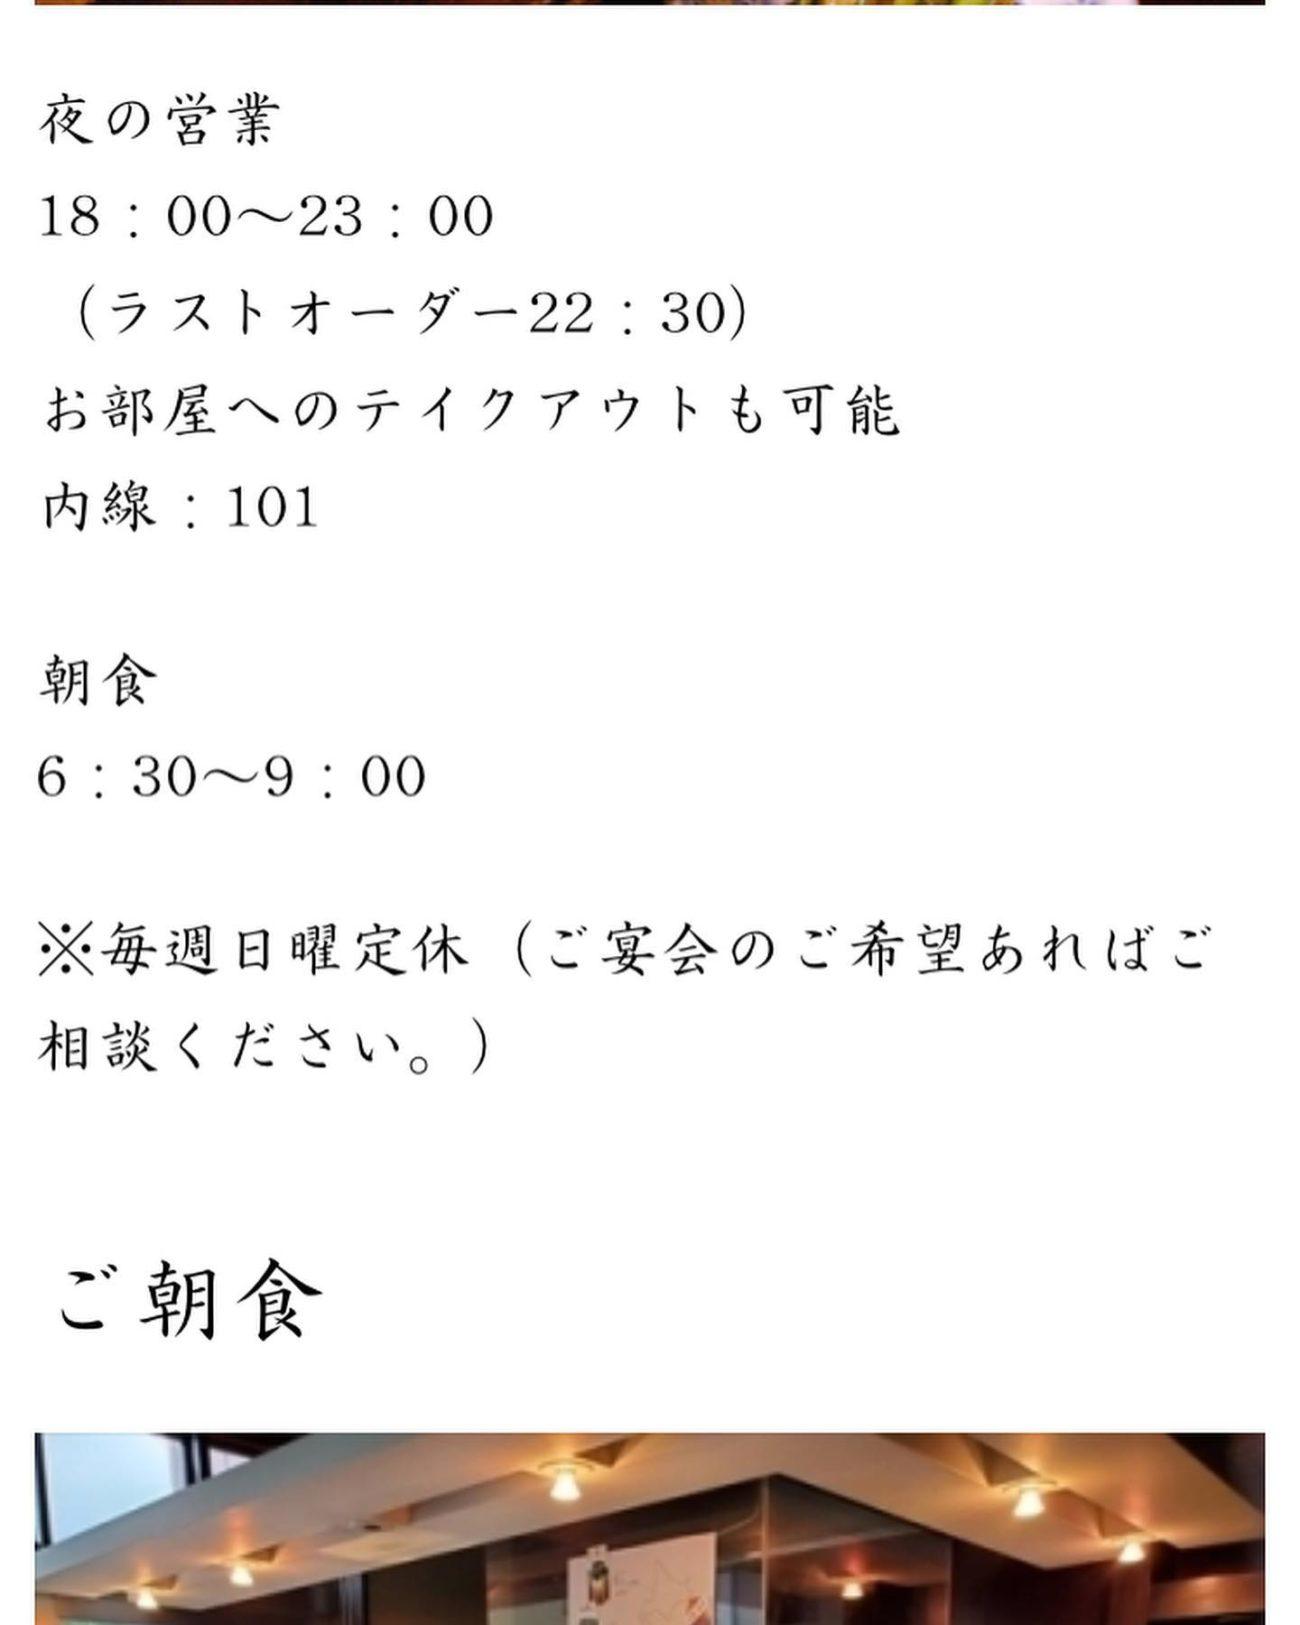 アビエス2020パートナー紹介-旬菜割烹ほり-お食事時間